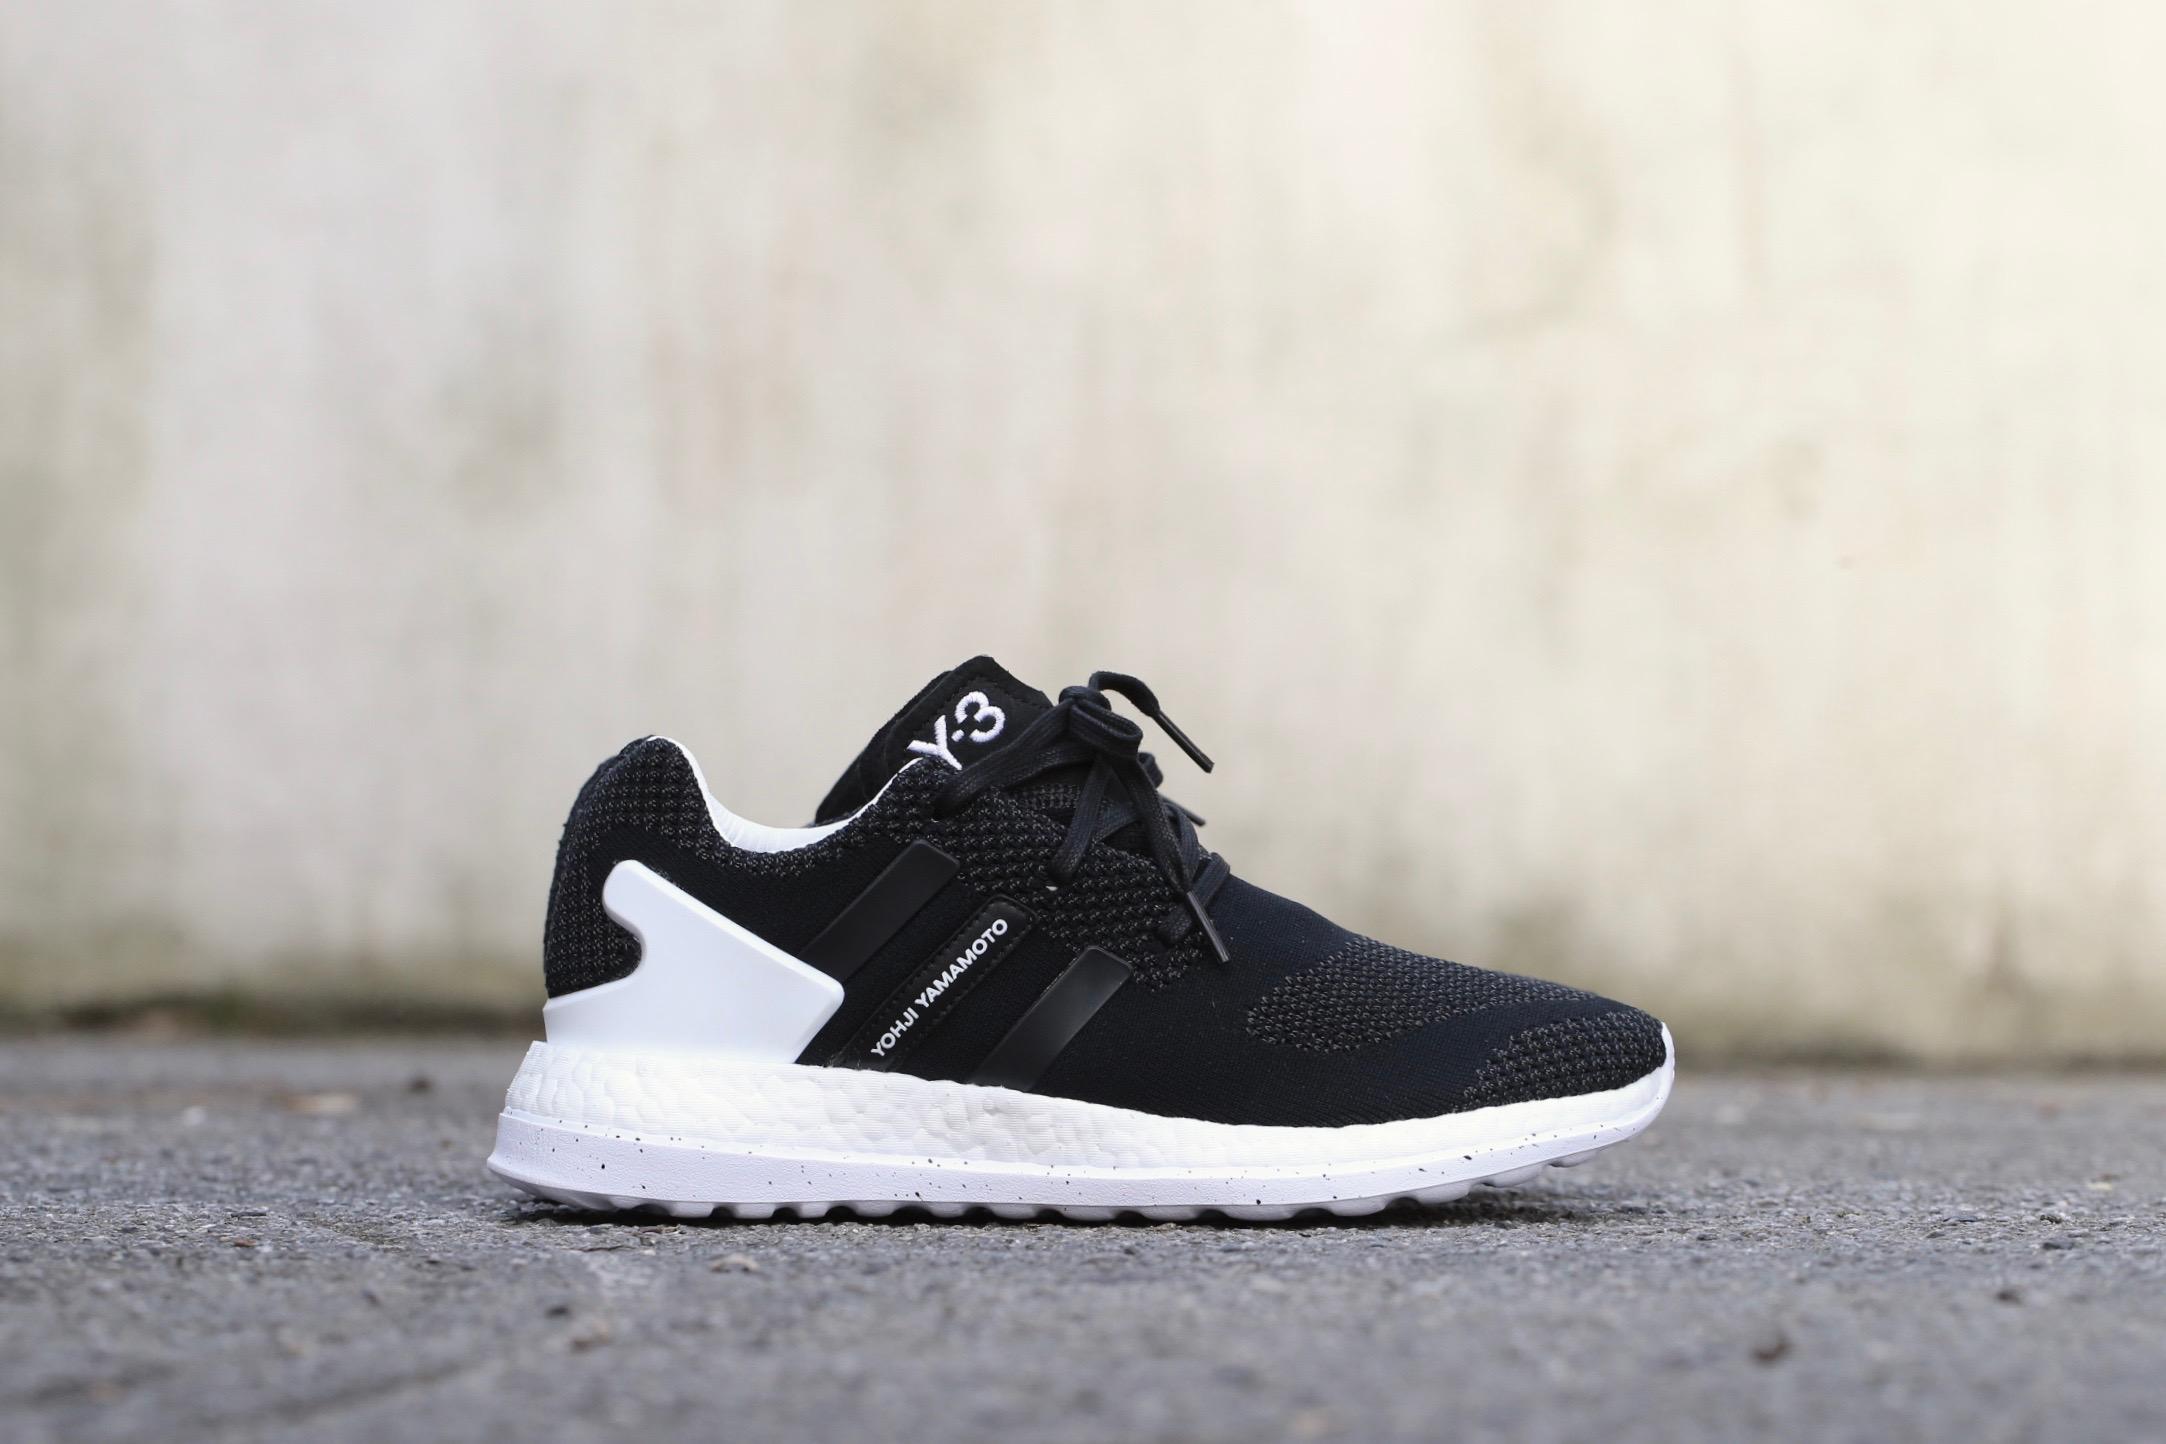 Adidas Y-3 Puro Impulso Zg Tejer 'blanco / Negro' 8zOMws